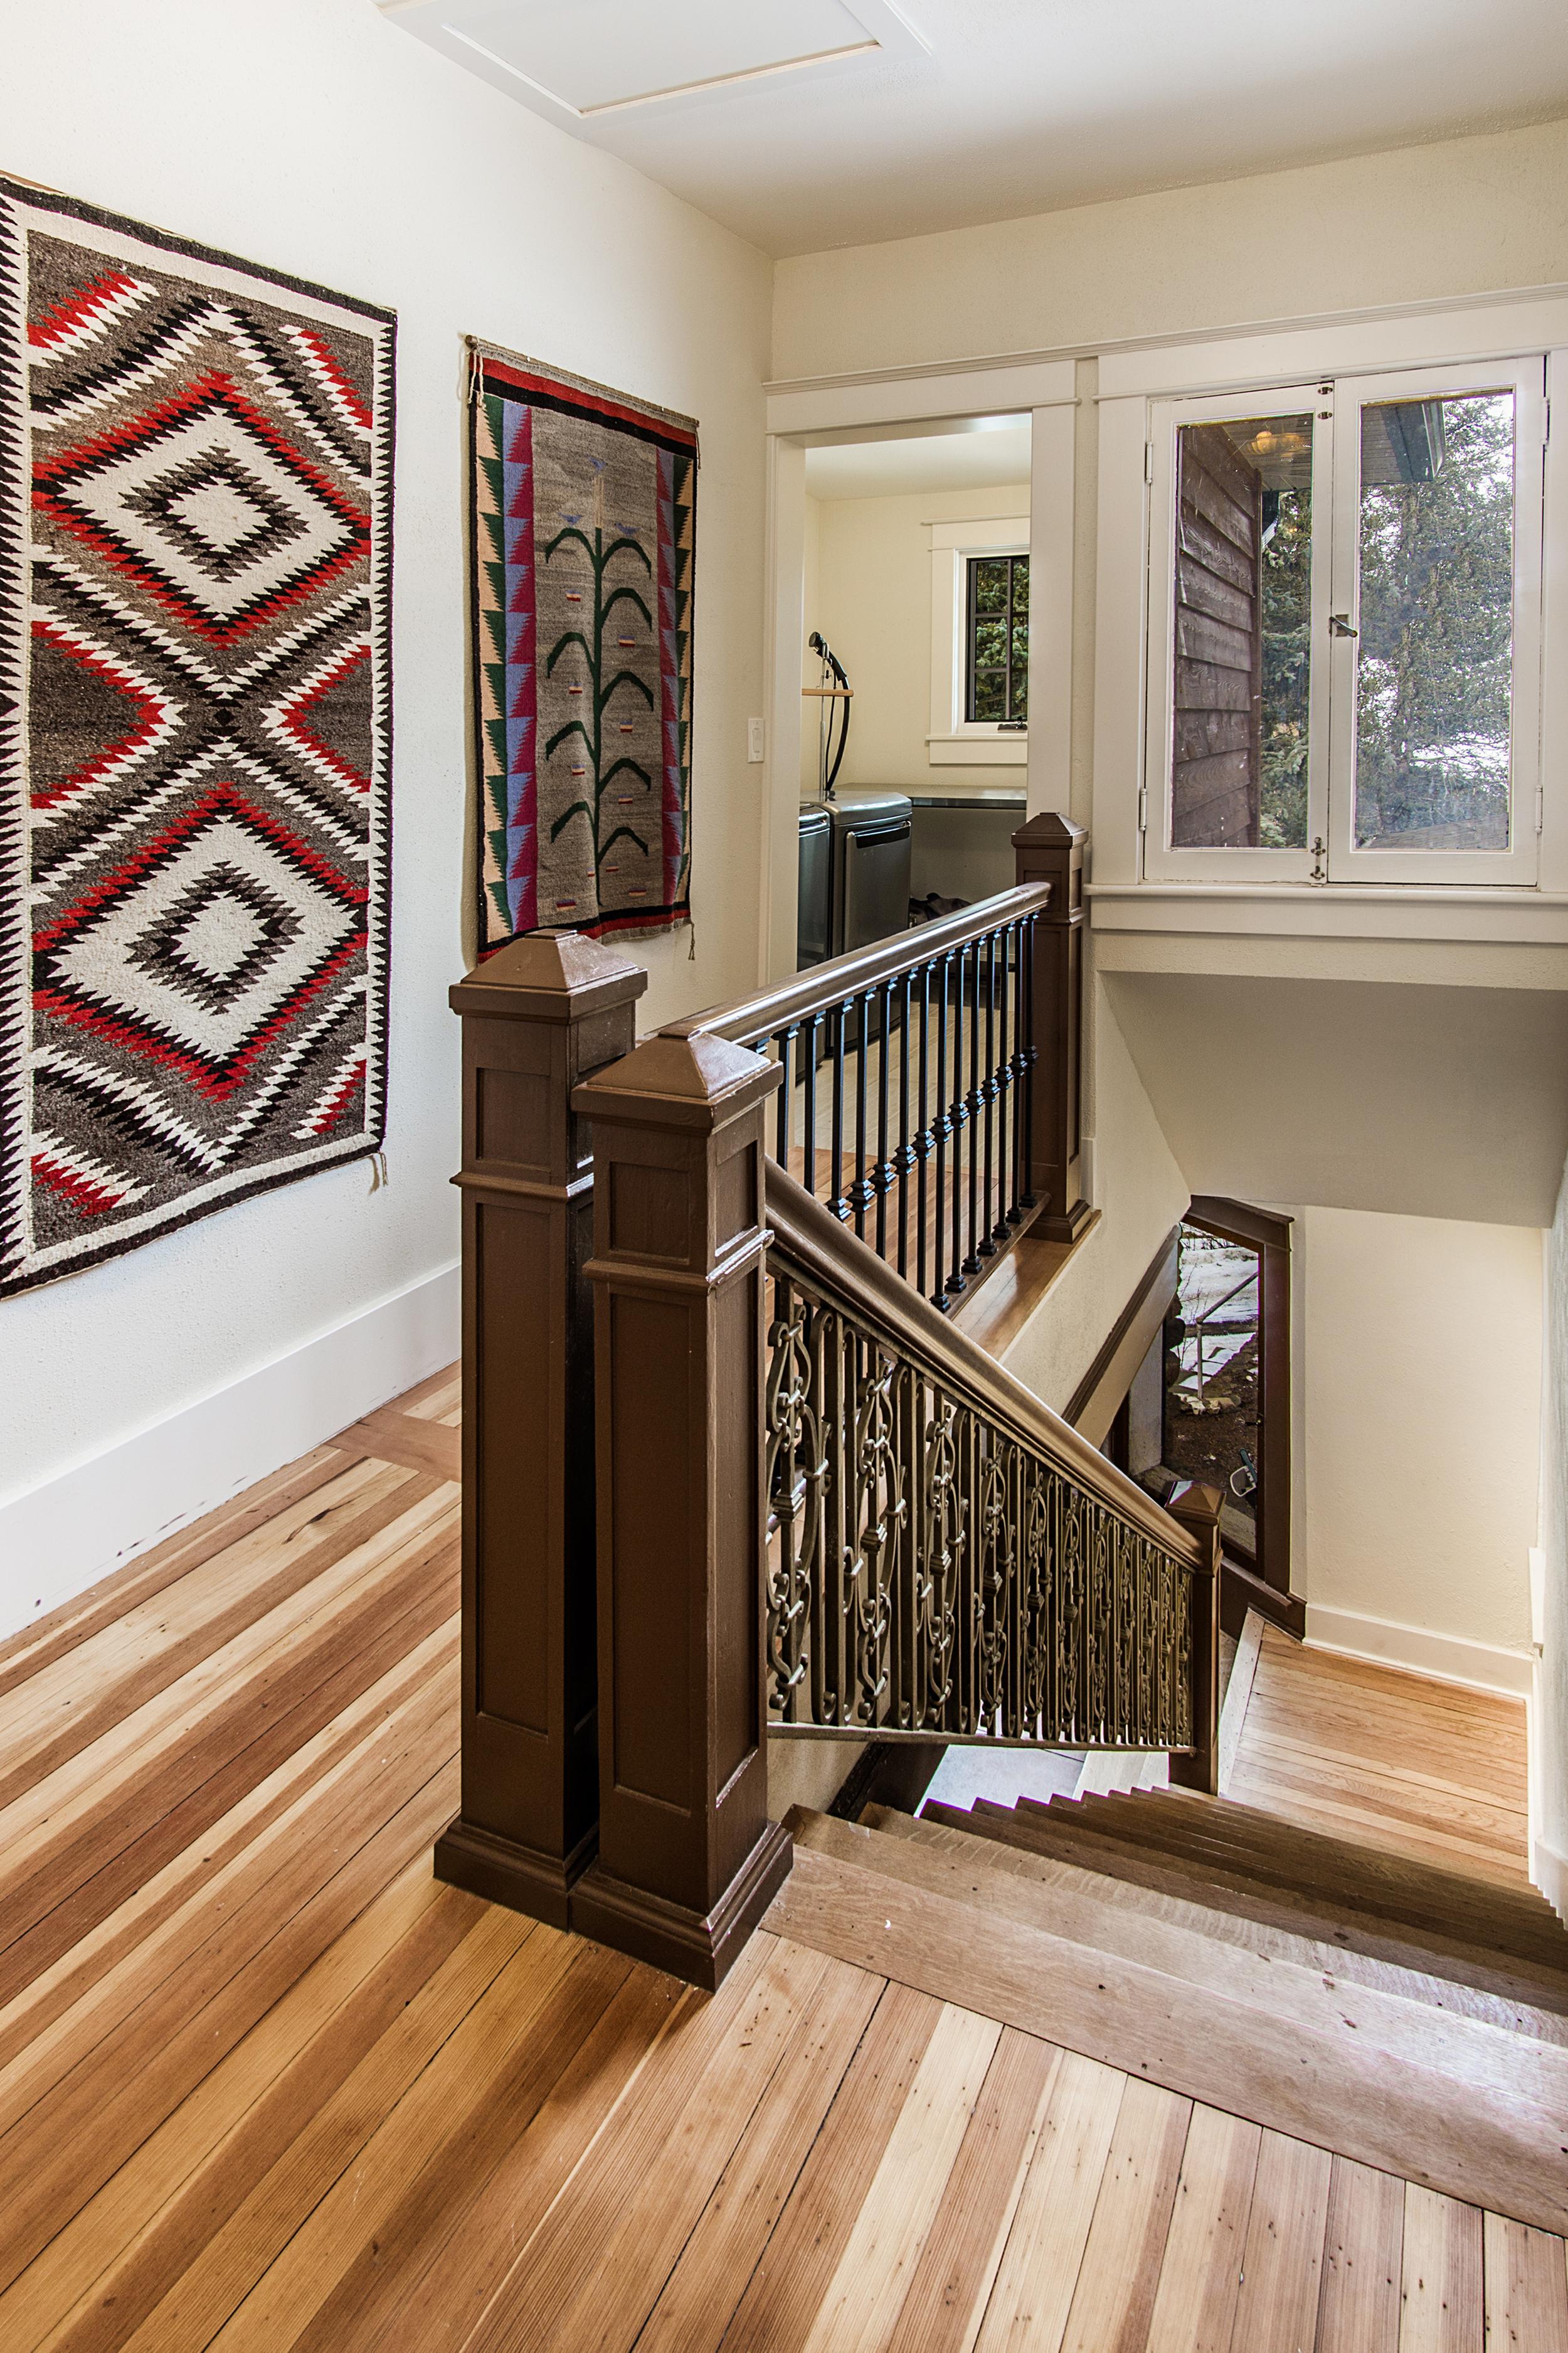 Stairs_high_2142190.jpg